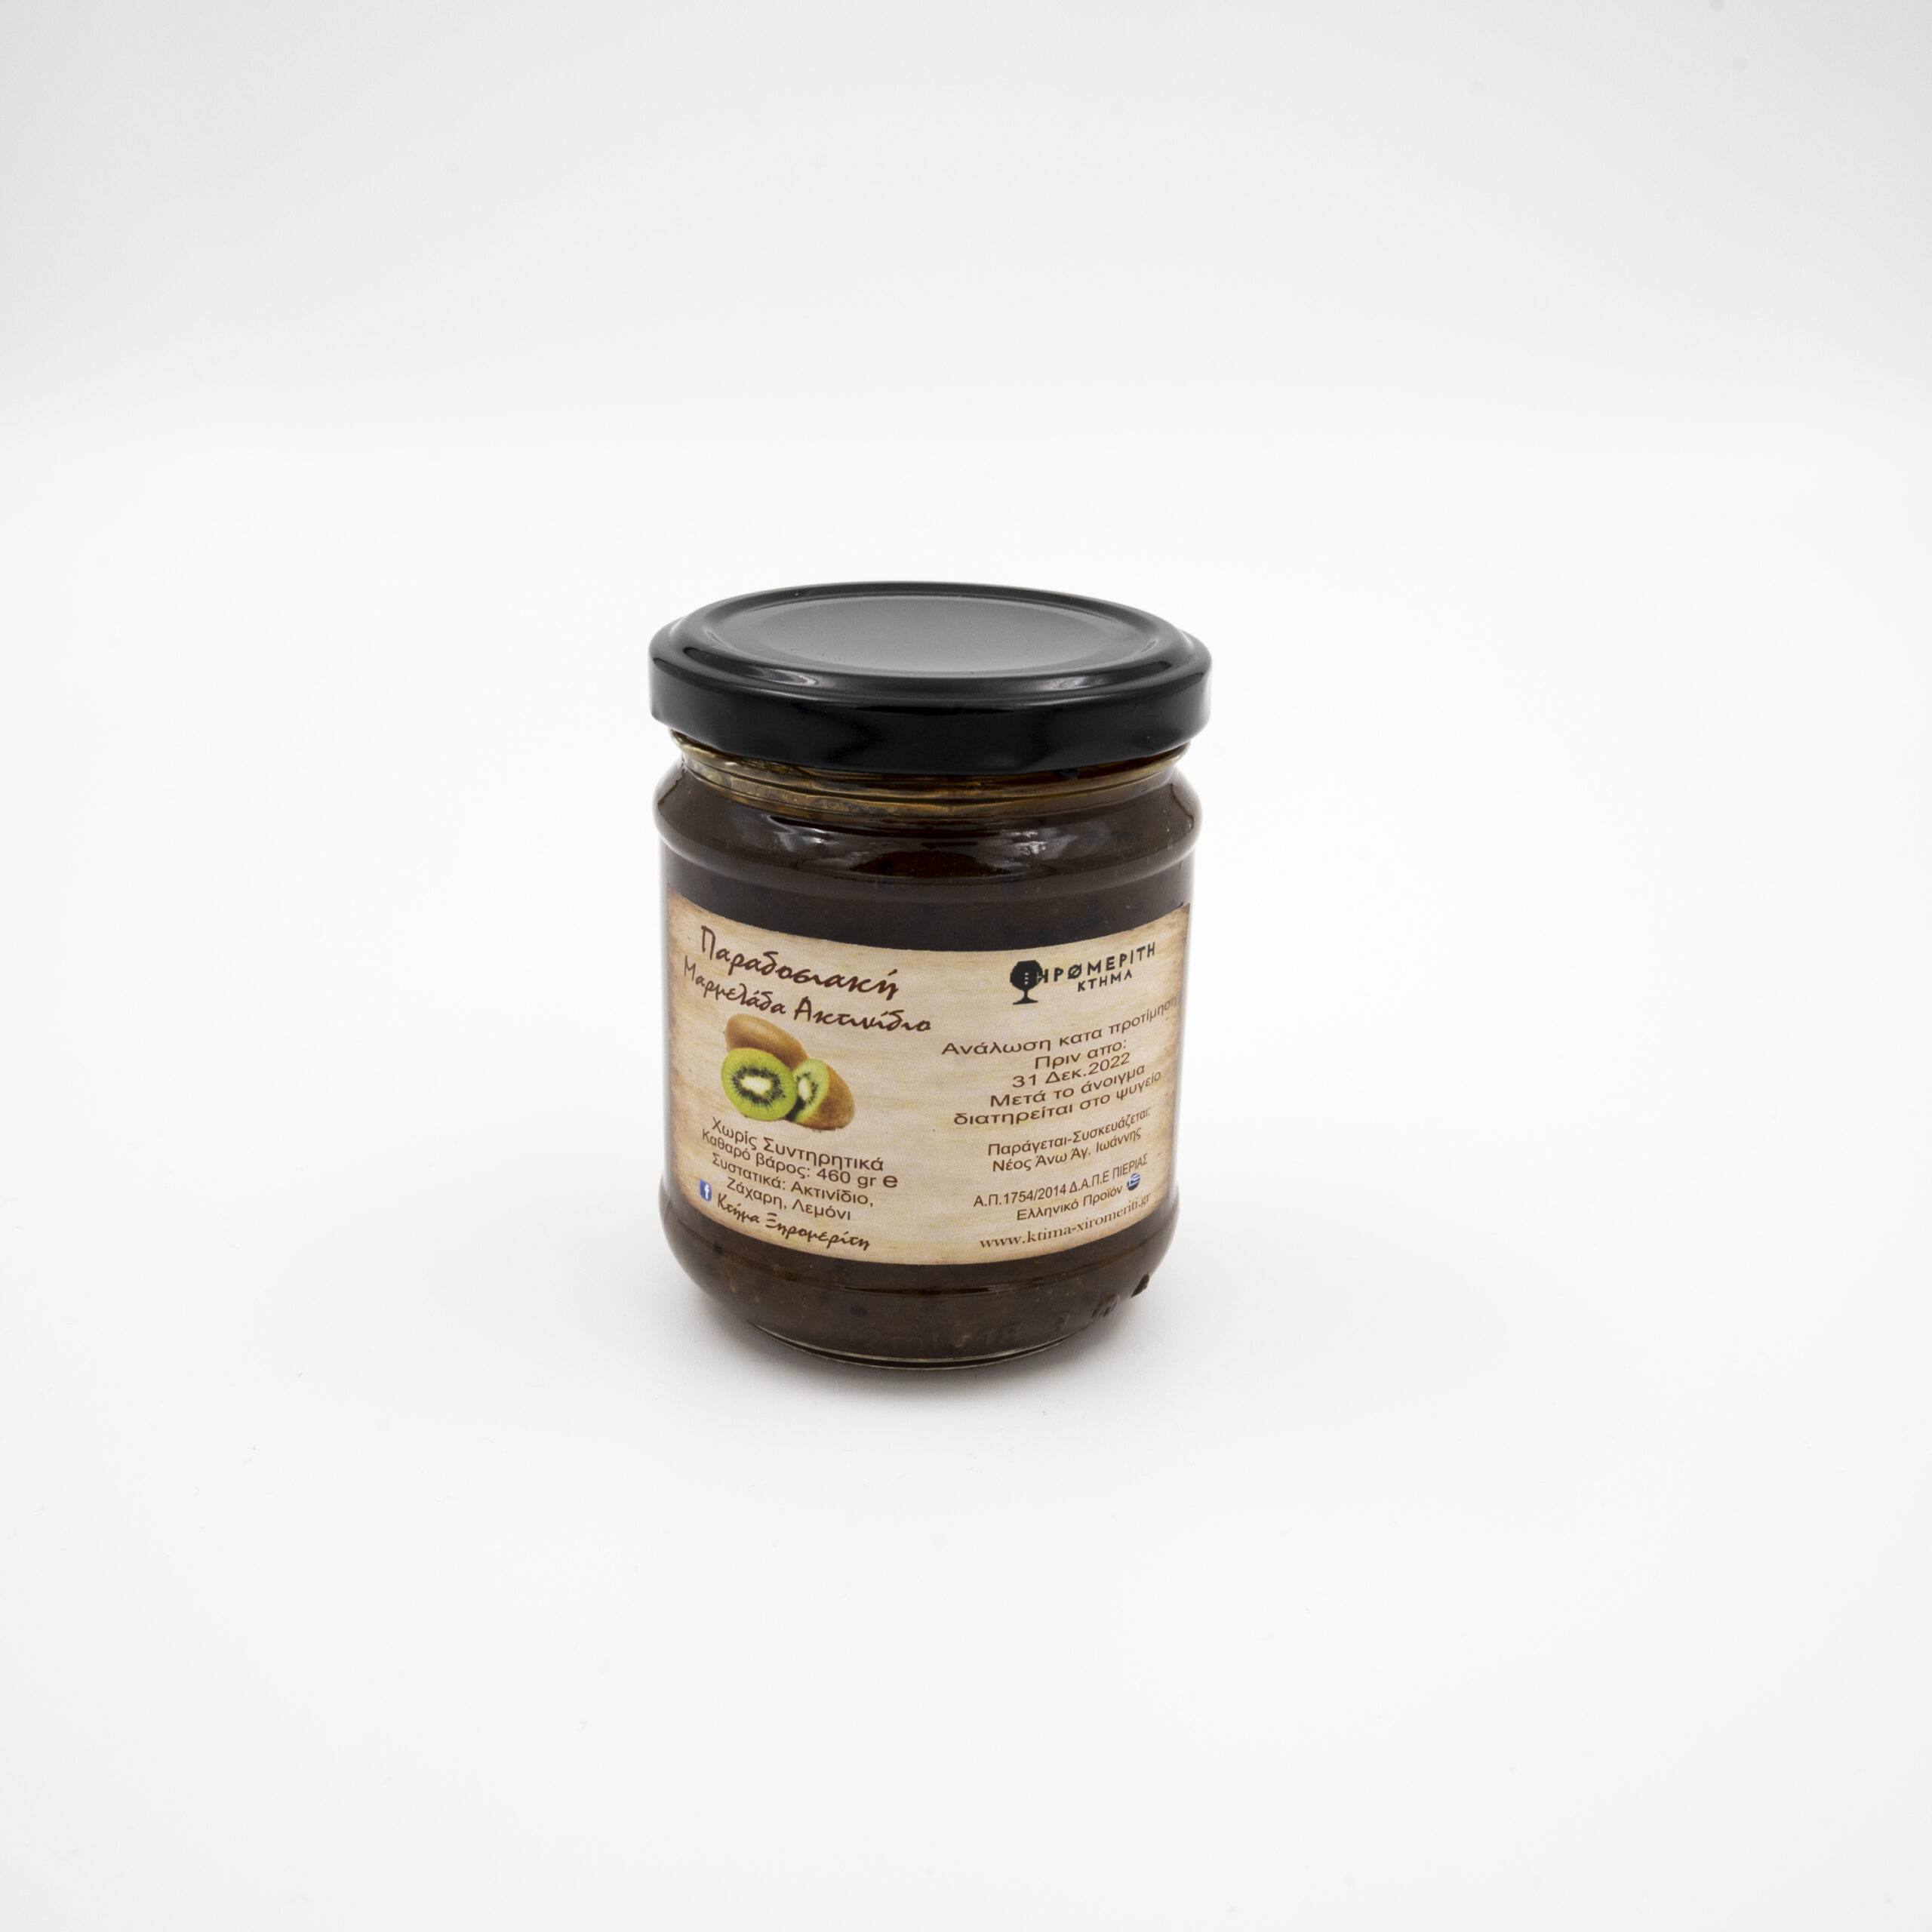 Παραδοσιακή Μαρμελάδα Ακτινίδιο